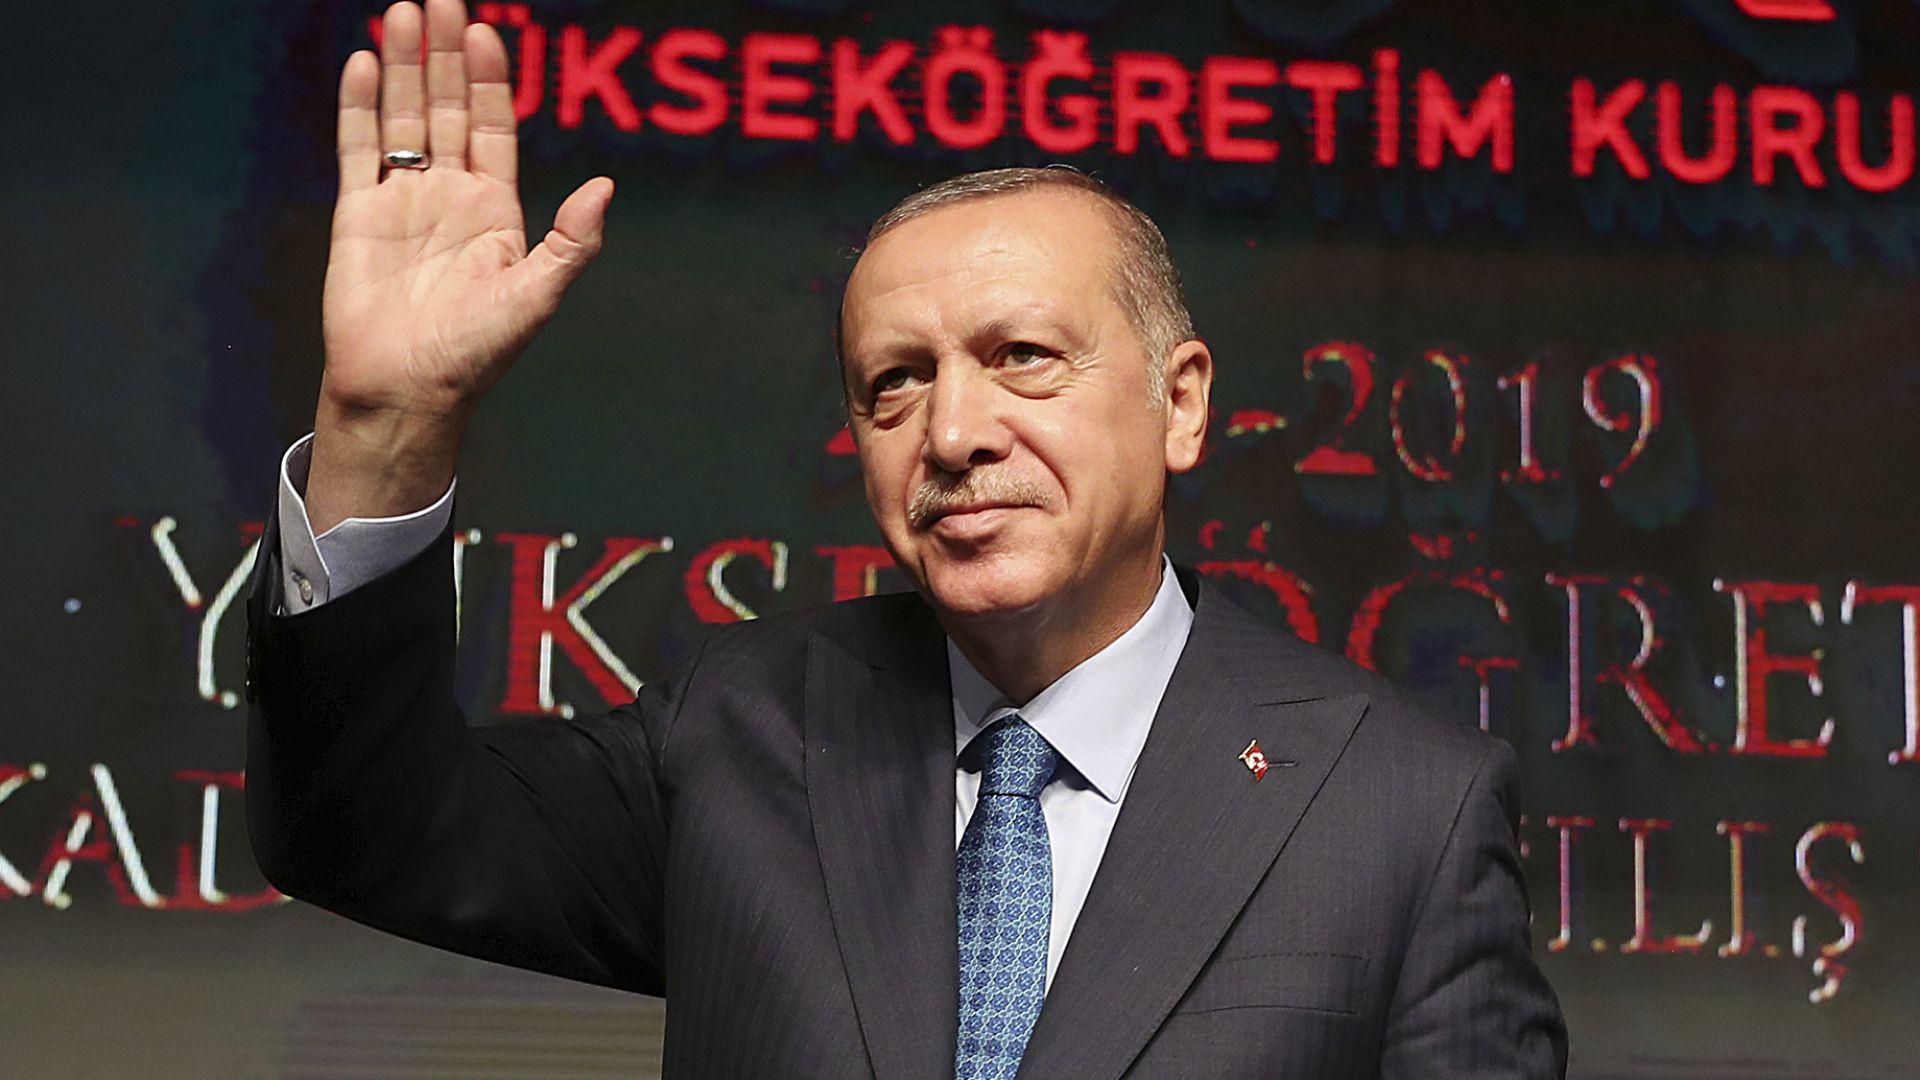 Висшата избирателна комисия на Турция реши да отмени резултатите от